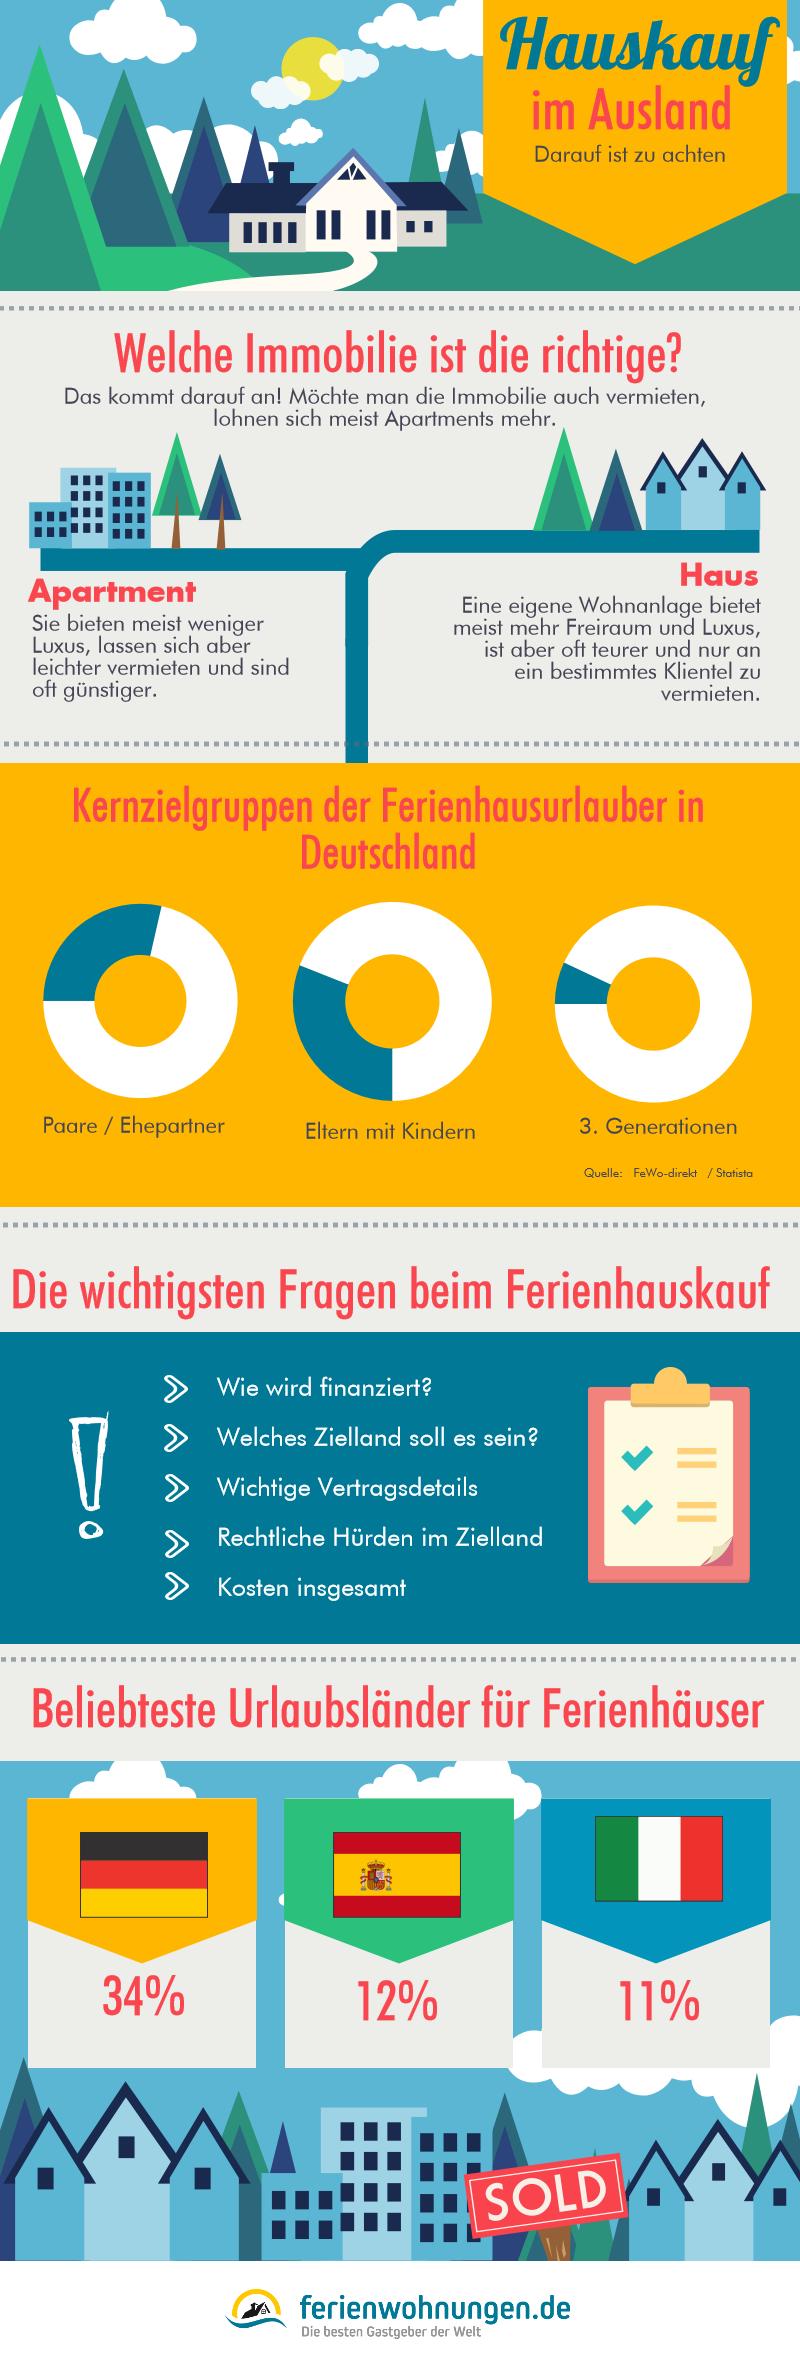 Ferienwohnung im Ausland kaufen - Infografik mit Informationen zu Ferienwohnungen im Ausland